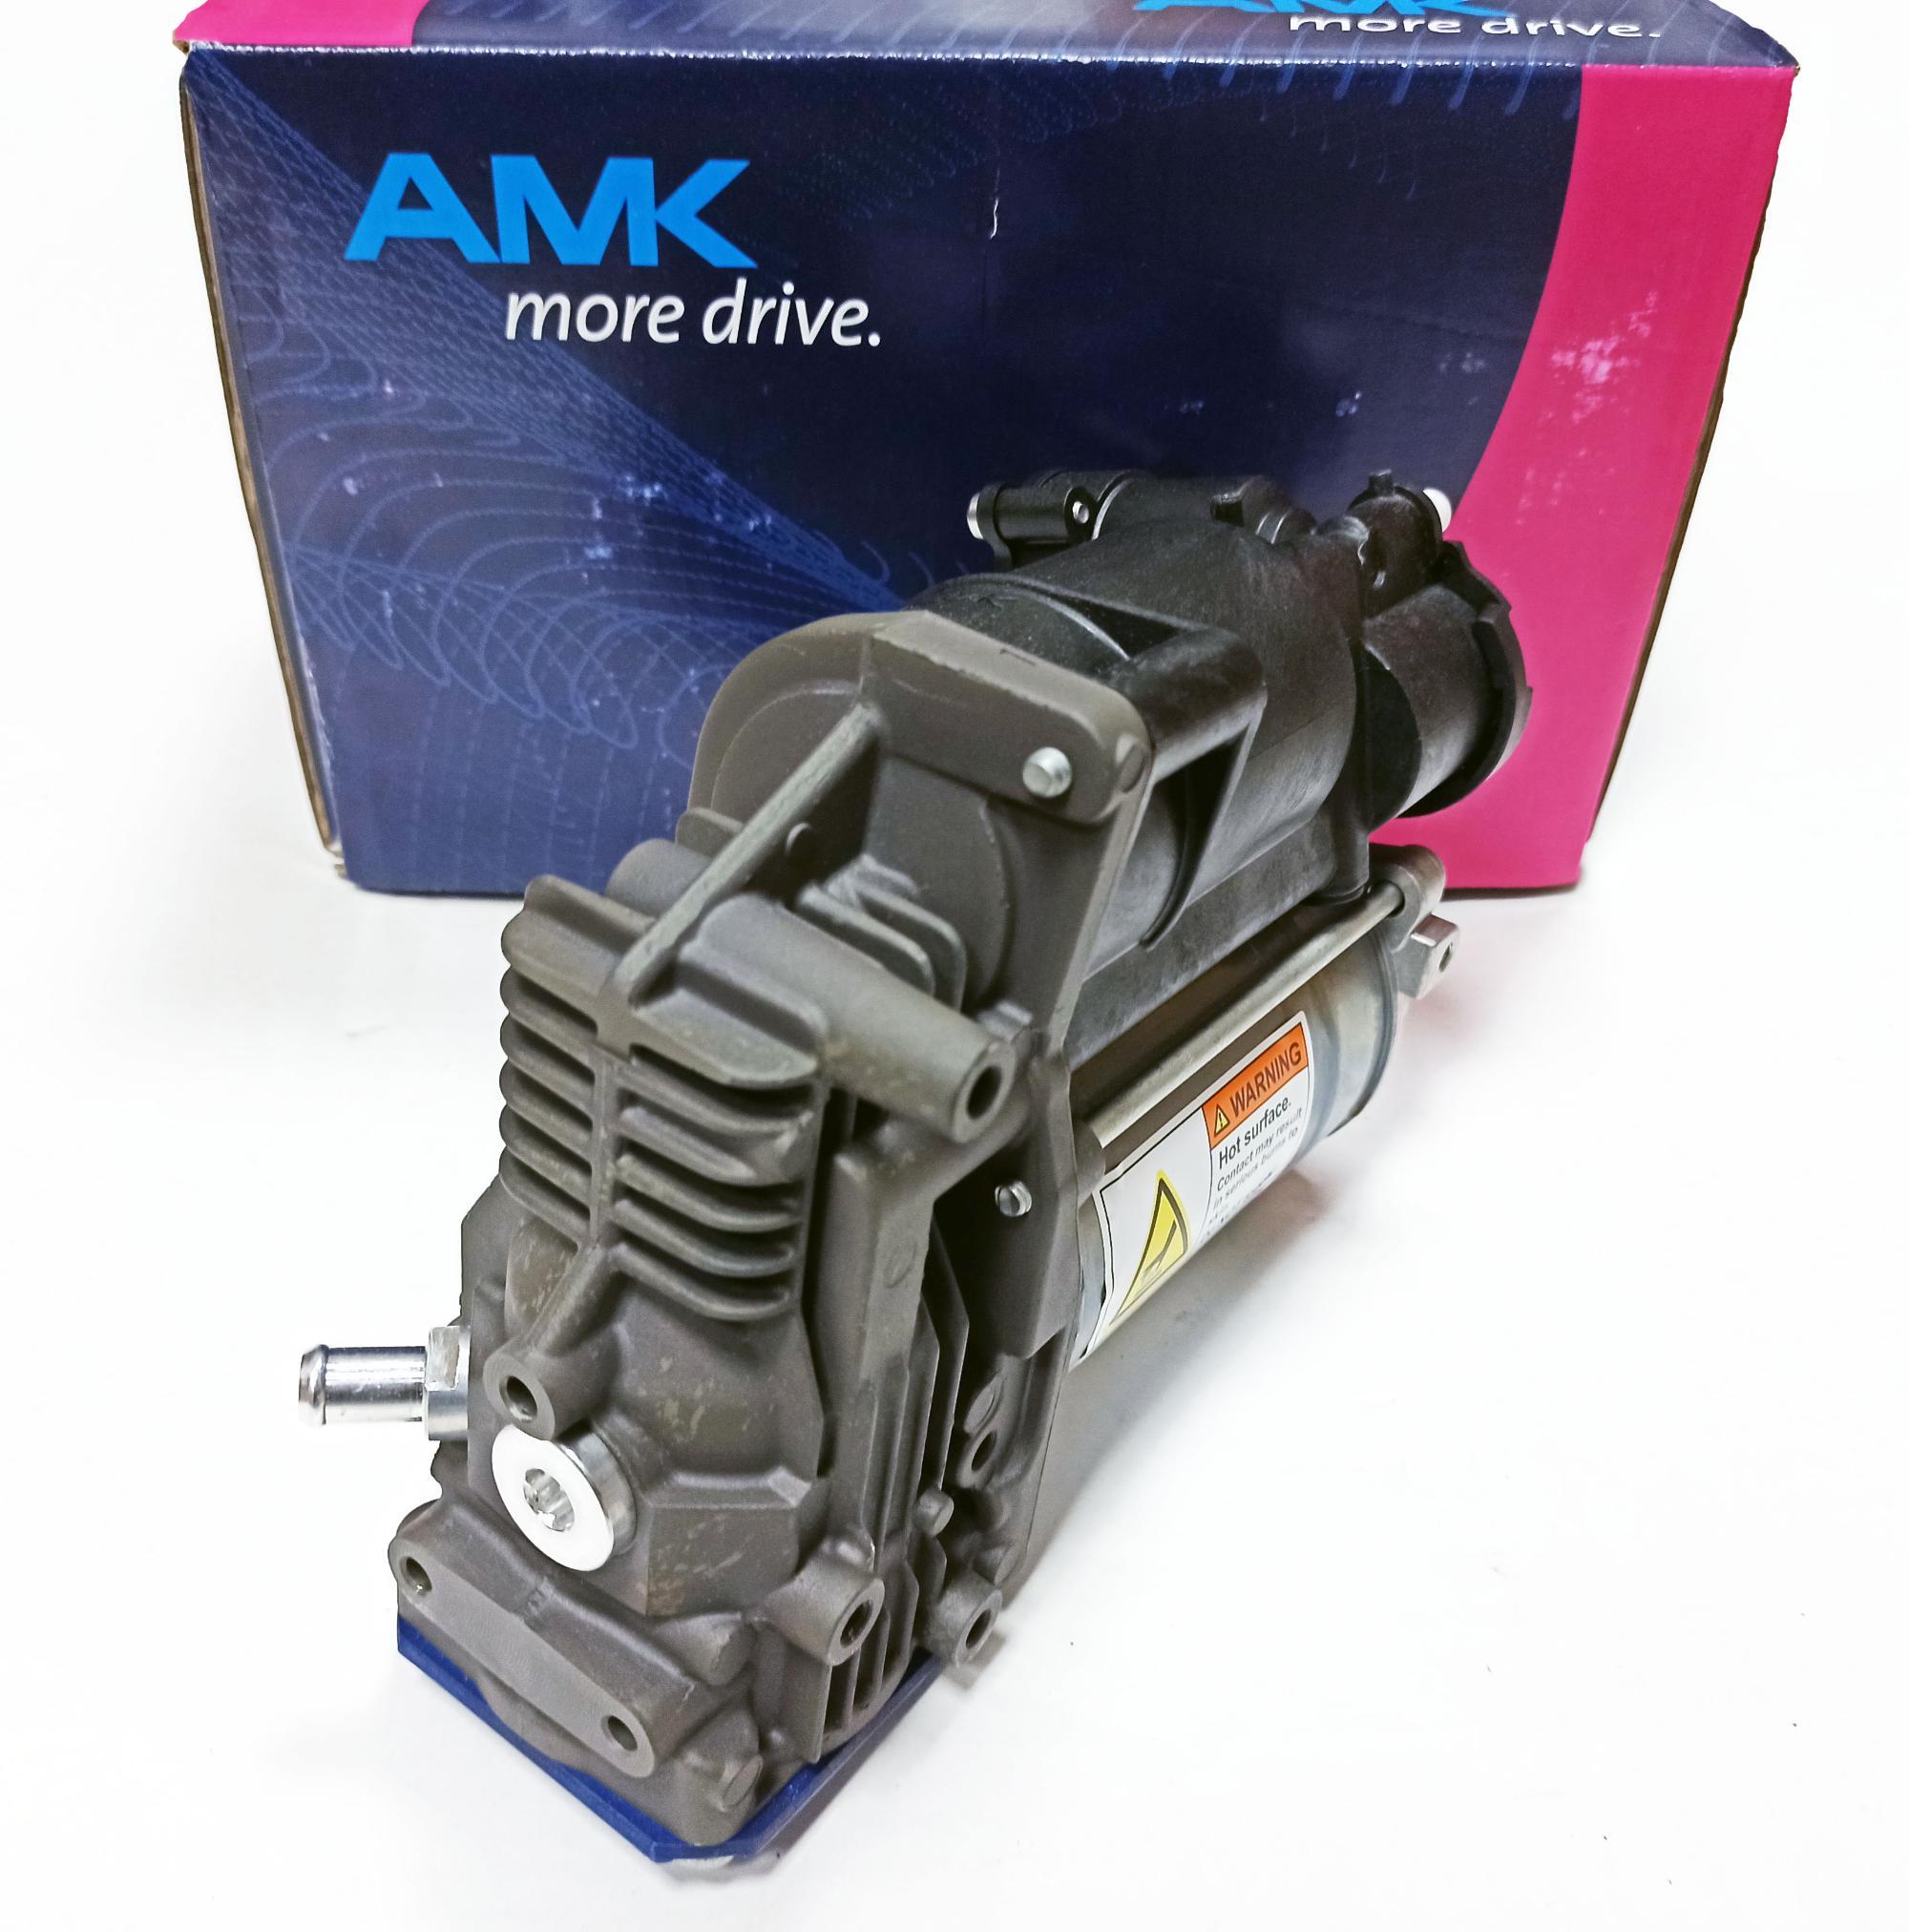 картинка Новый оригинальный компрессор пневмоподвески AMK A2364 для Mercedes-Benz V-class Vito/ Viano W639/ V639 (2003-14) (A6393200204, A6393200404) от магазина пневмоподвески ПневмоМаркет